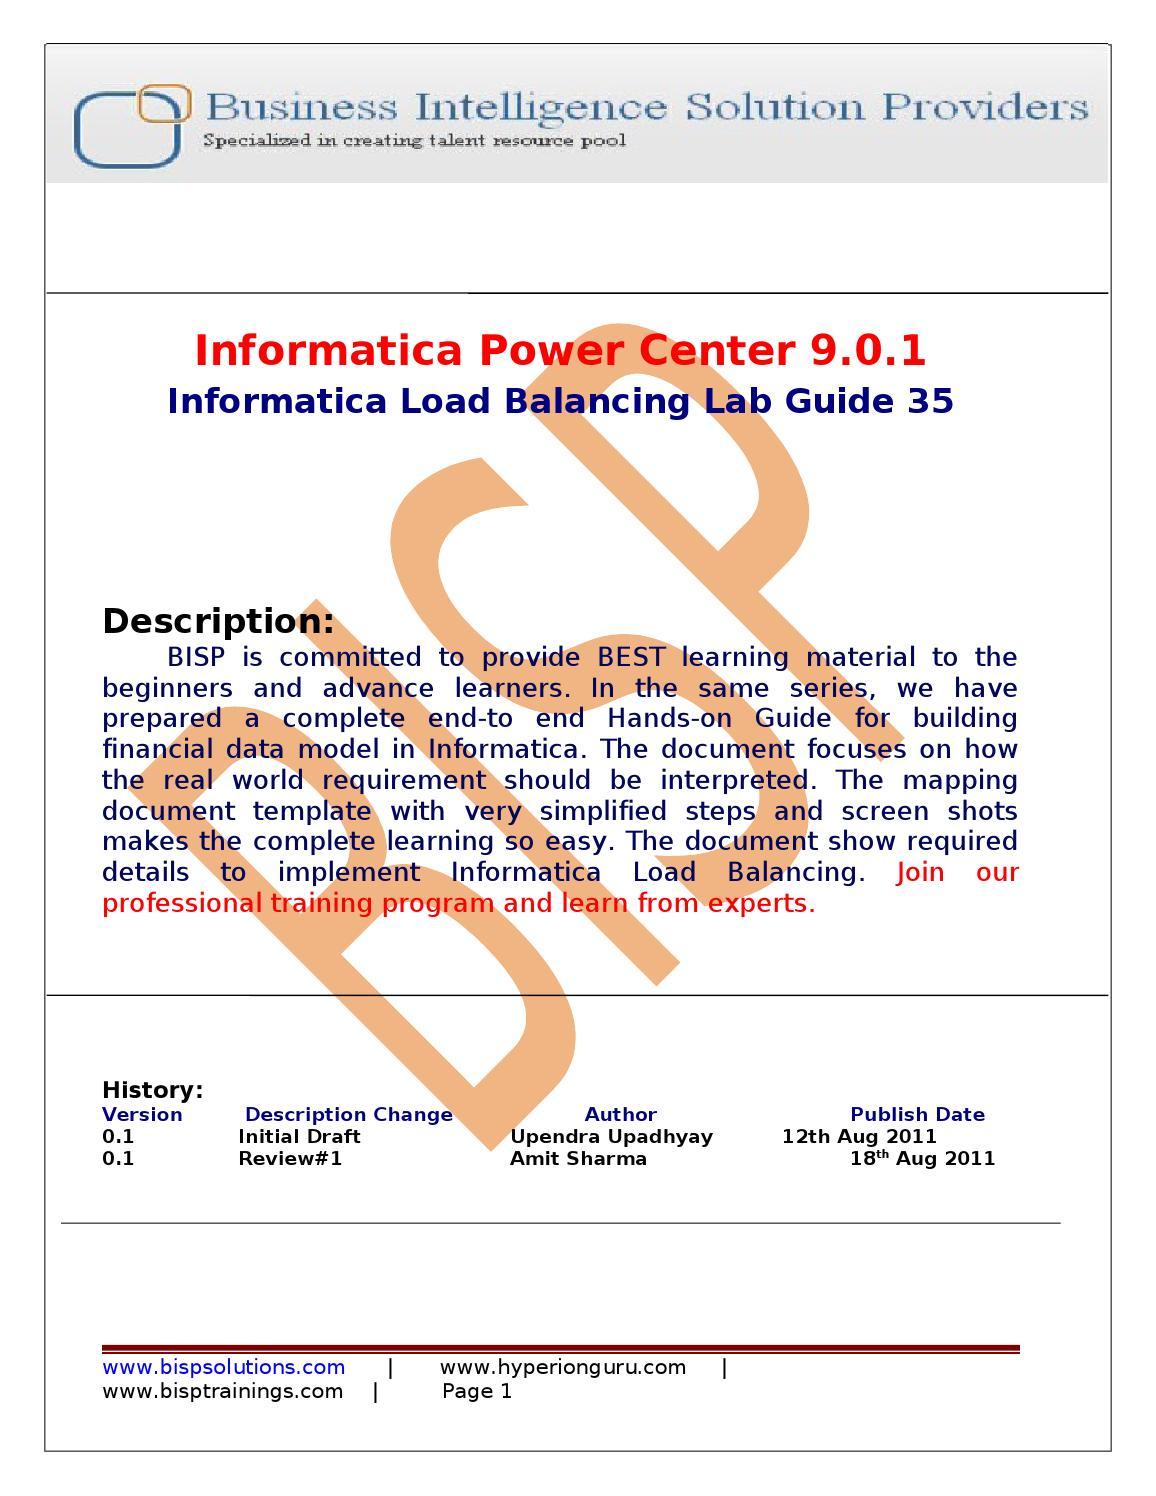 Informatica Power Center 8.6.1 Installation - Informatica ...